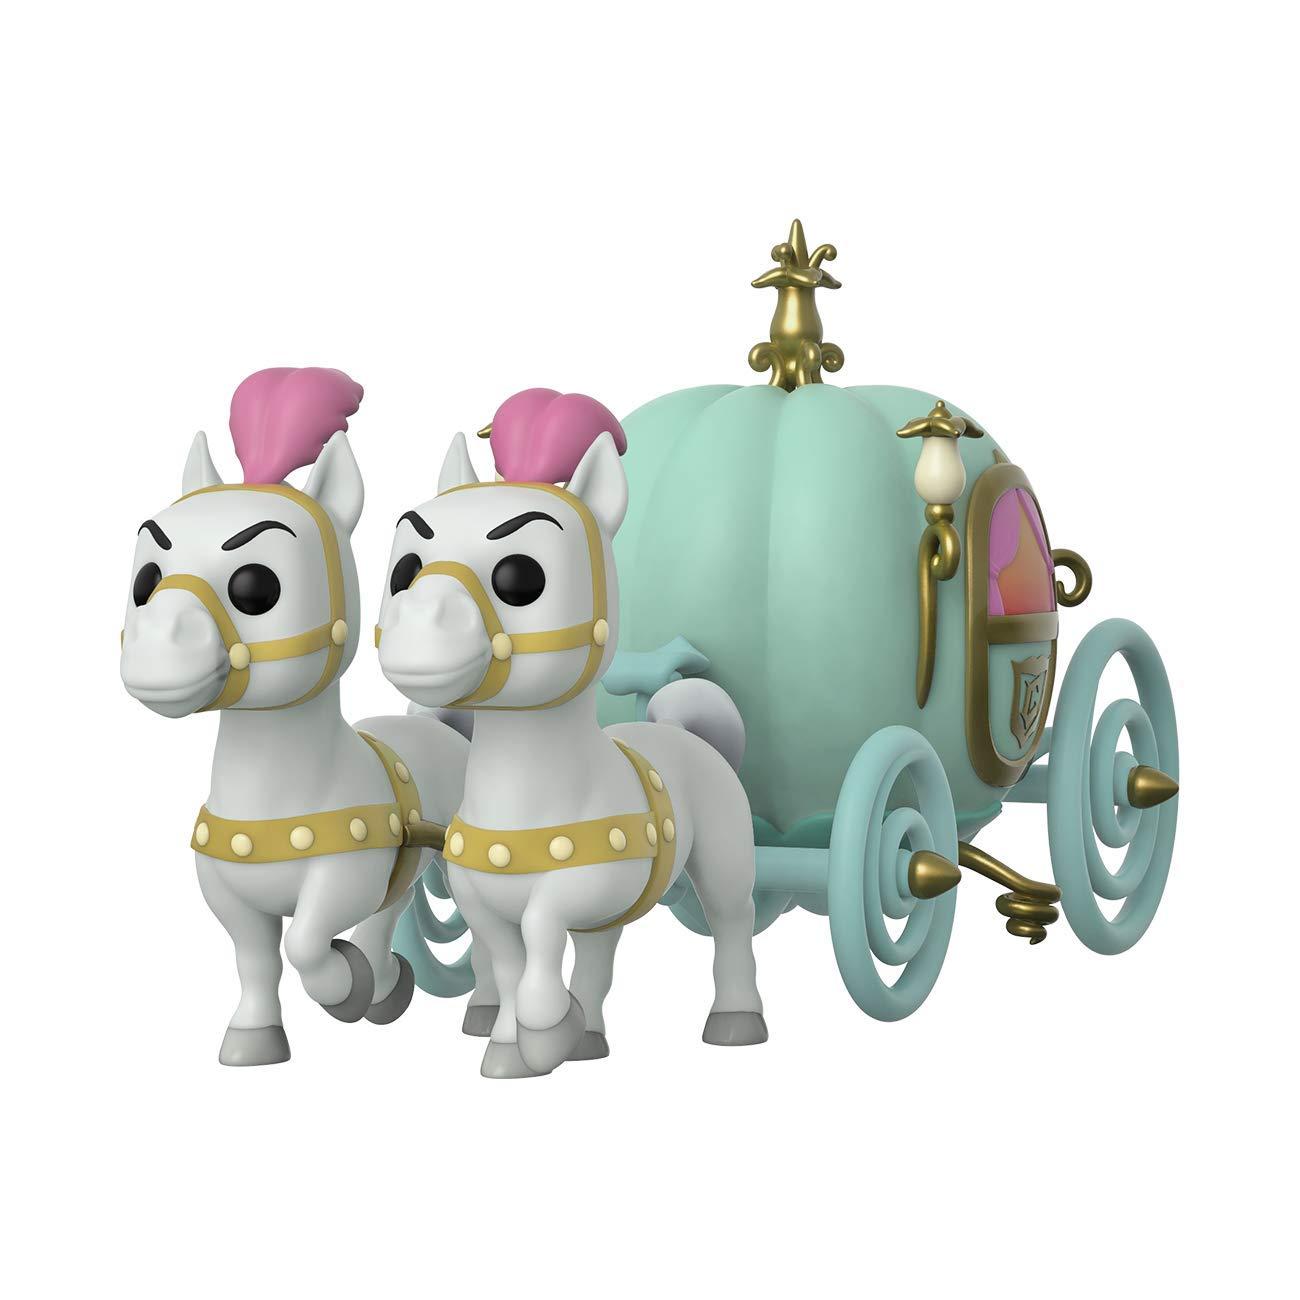 Funko Pop! Rides Disney: Cinderella - Cinderella's Carriage